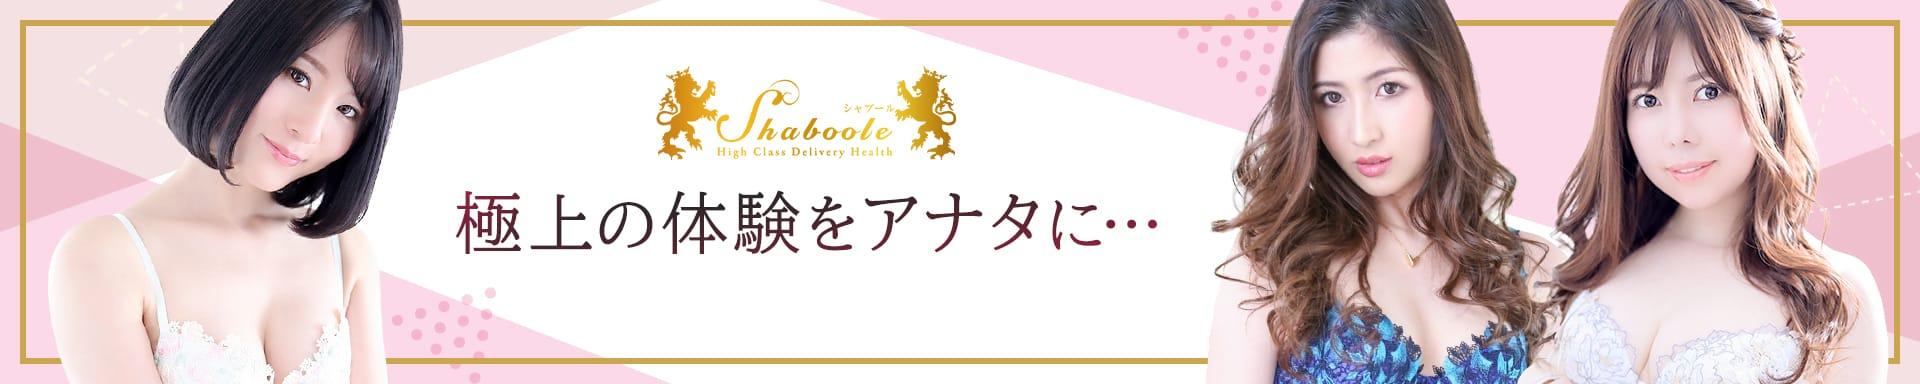 シャブール - 名古屋